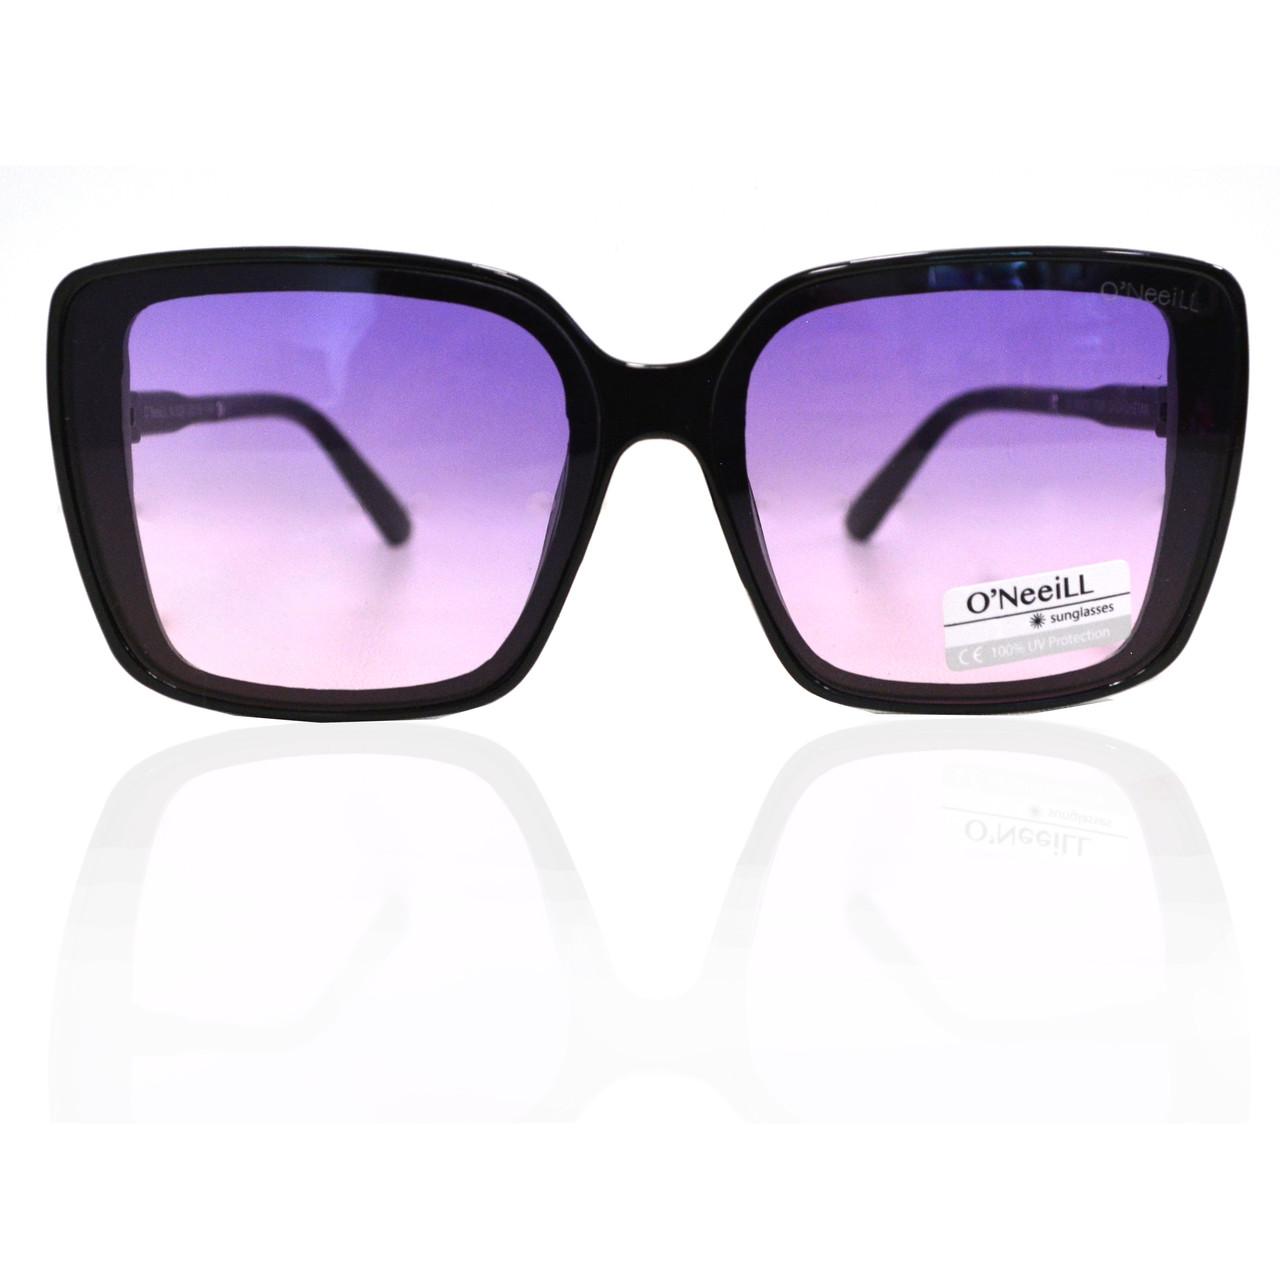 Солнцезащитные очки с фиолетовыми стеклами с узором на дужке UV 400 O'NeeiLL N G 28 черные - фото 8